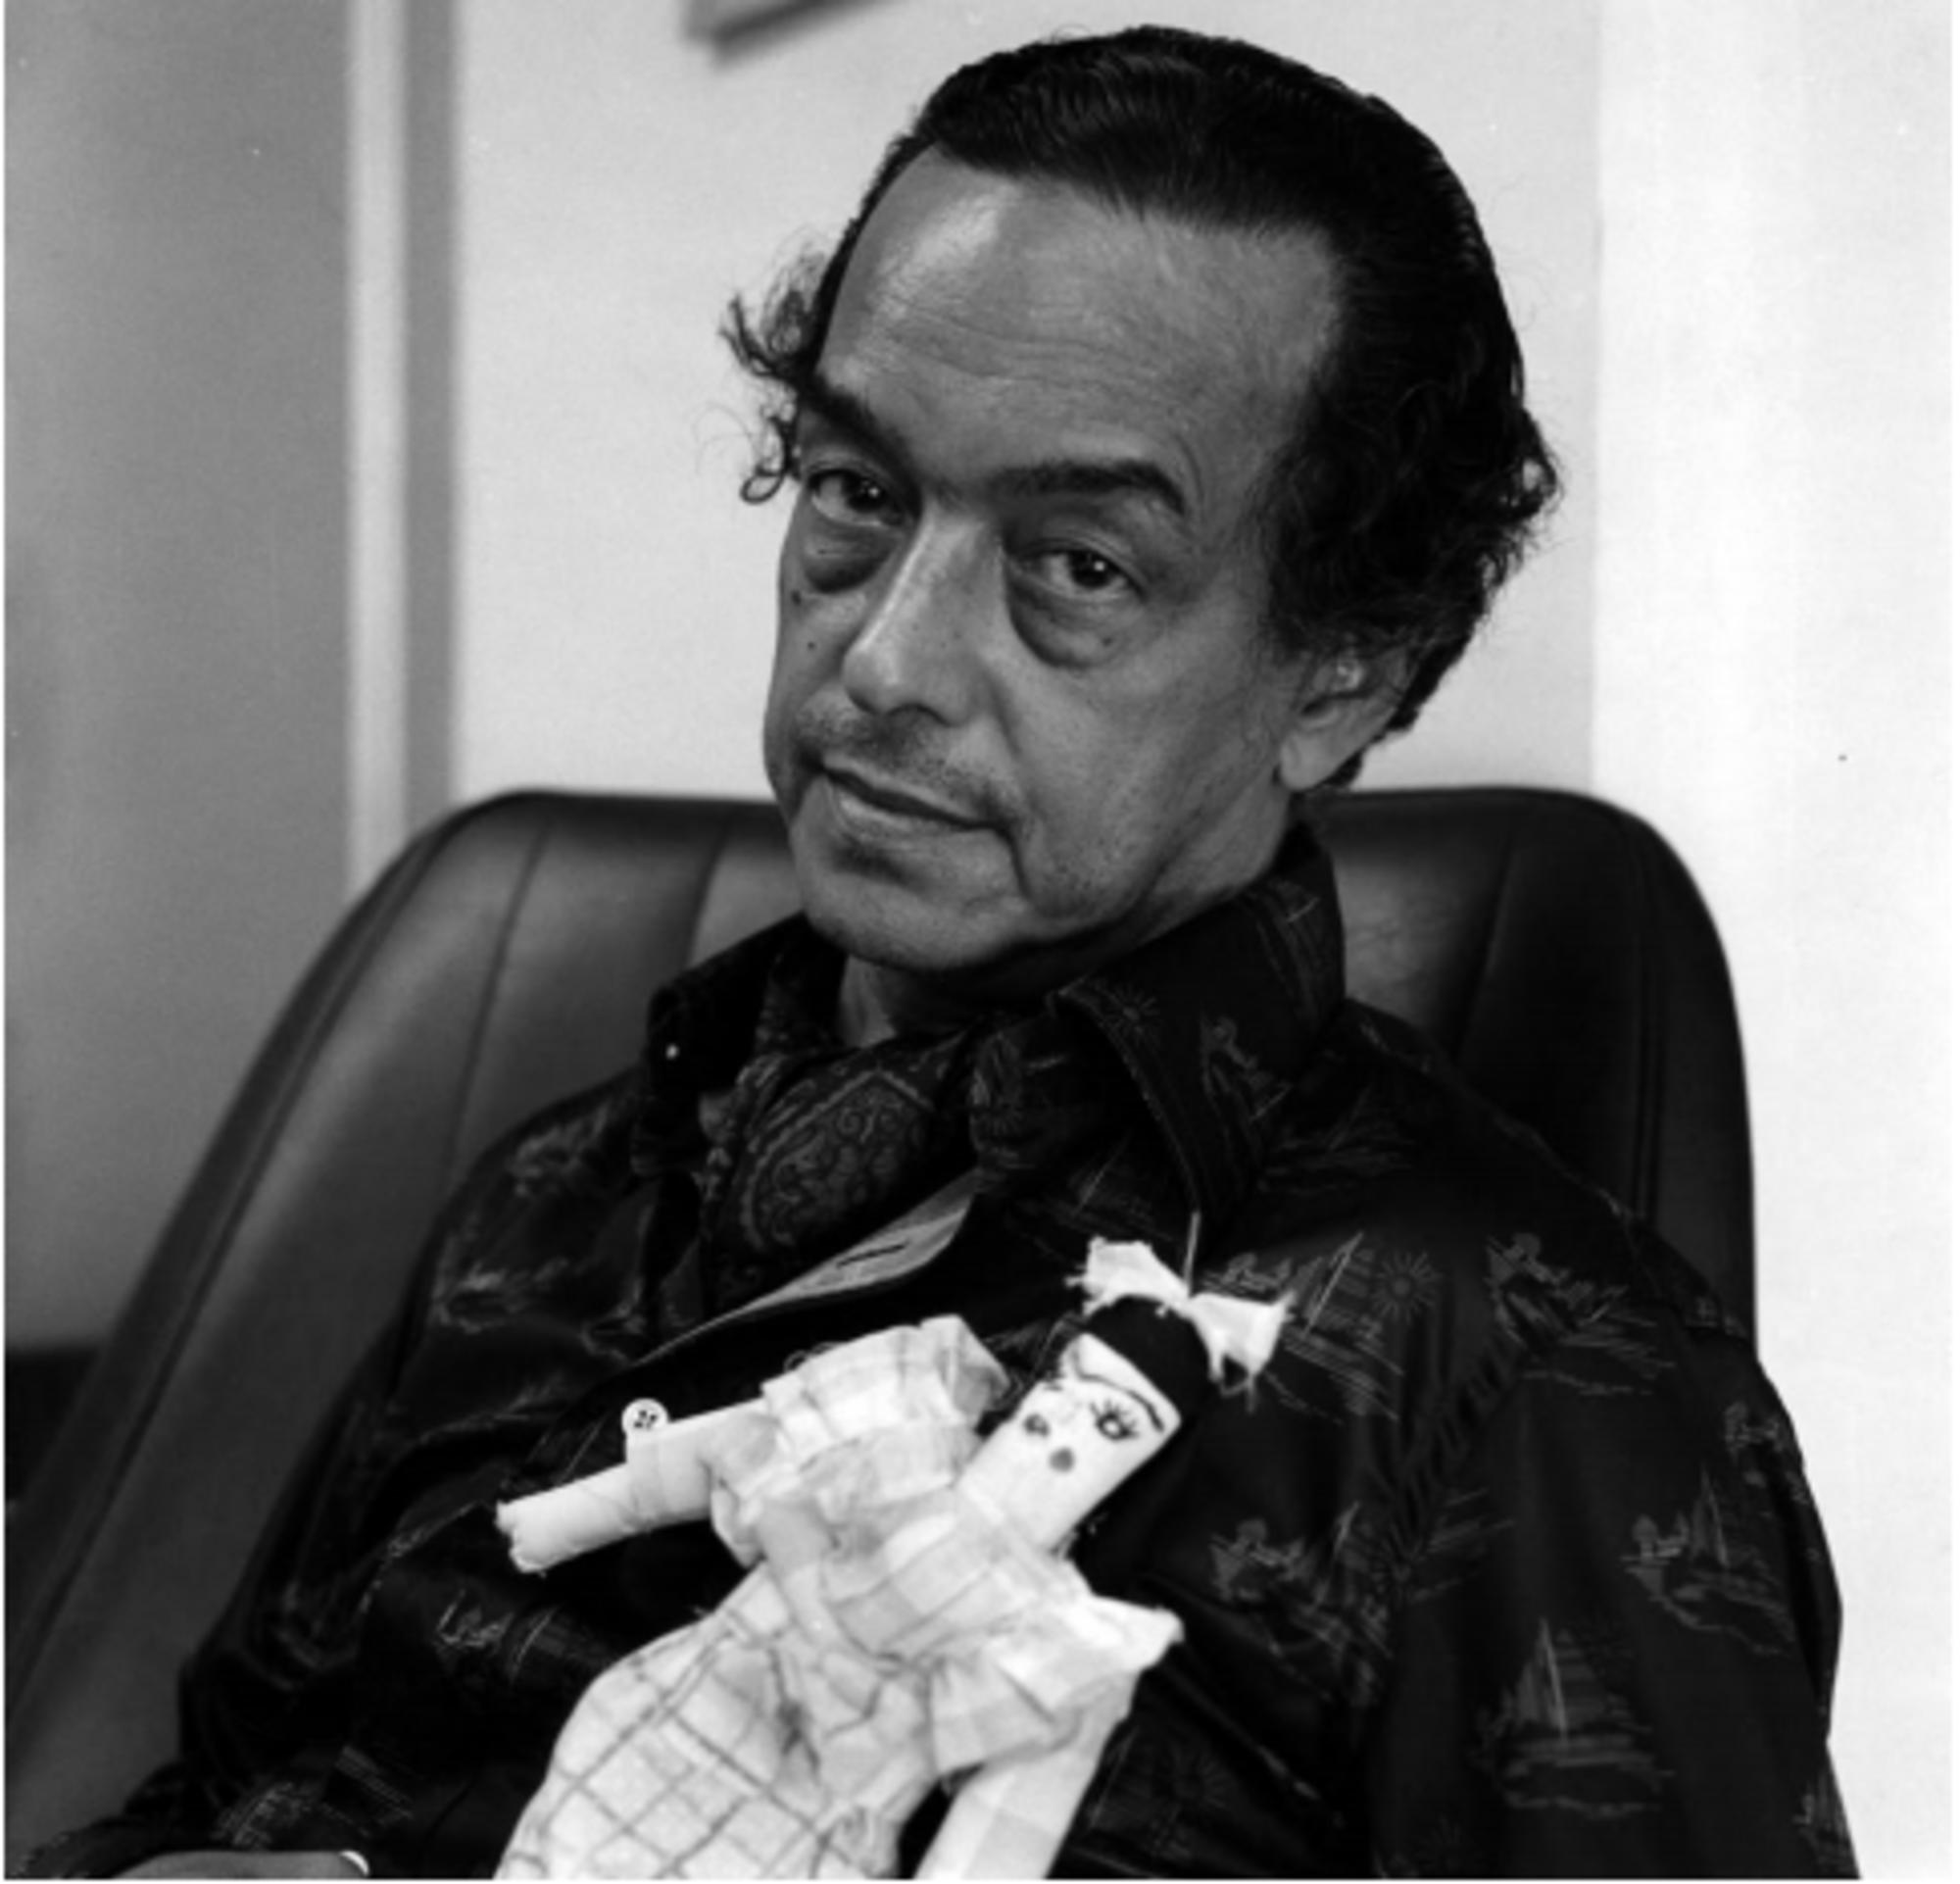 El humor y la poesía de Aquiles Nazoa (1920-1976)